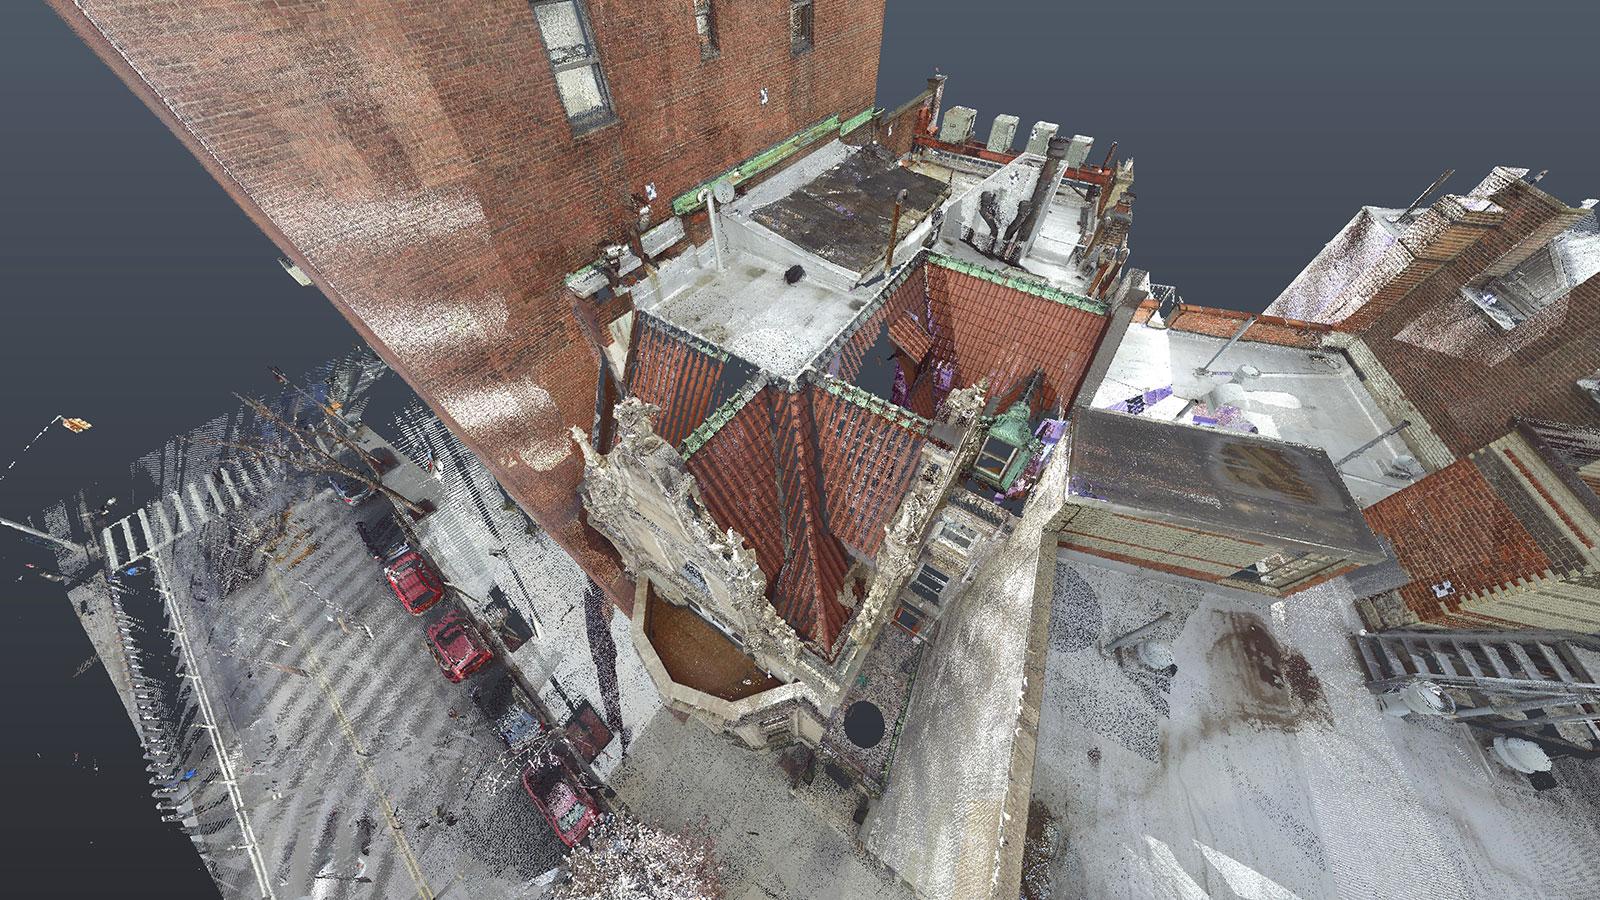 RIVERSIDE-DRIVE-MANSION-MANHATTAN-NYC-REVIT-3D-LASER-SCANNING-POINT-CLOUD-MYND-WORKSHOP-3.jpg